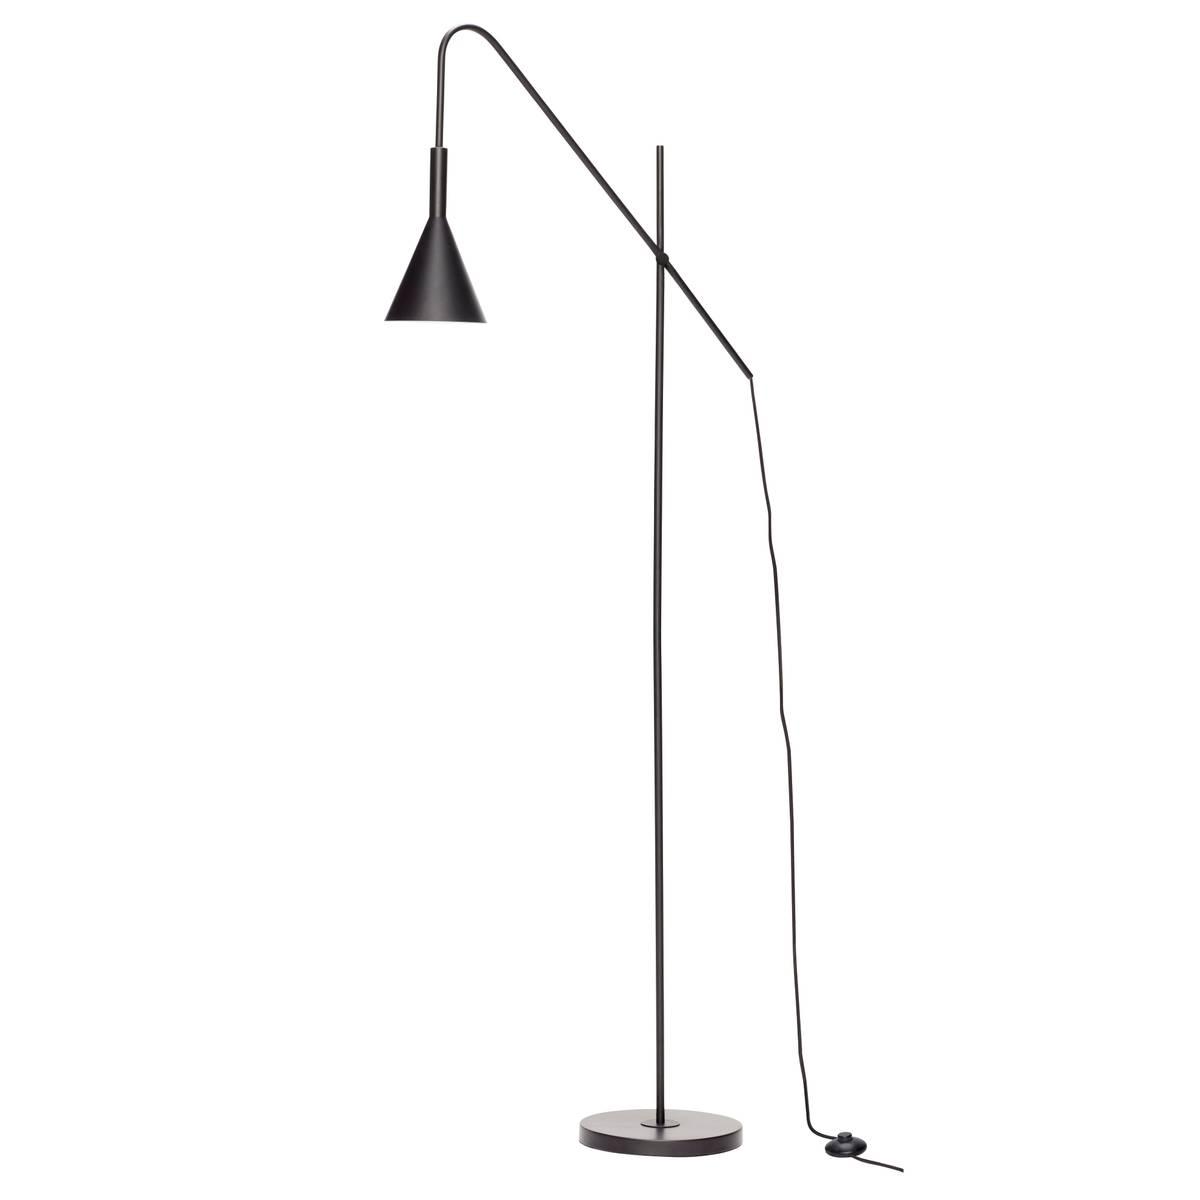 Gulvlampe i sort metall - Hübsch